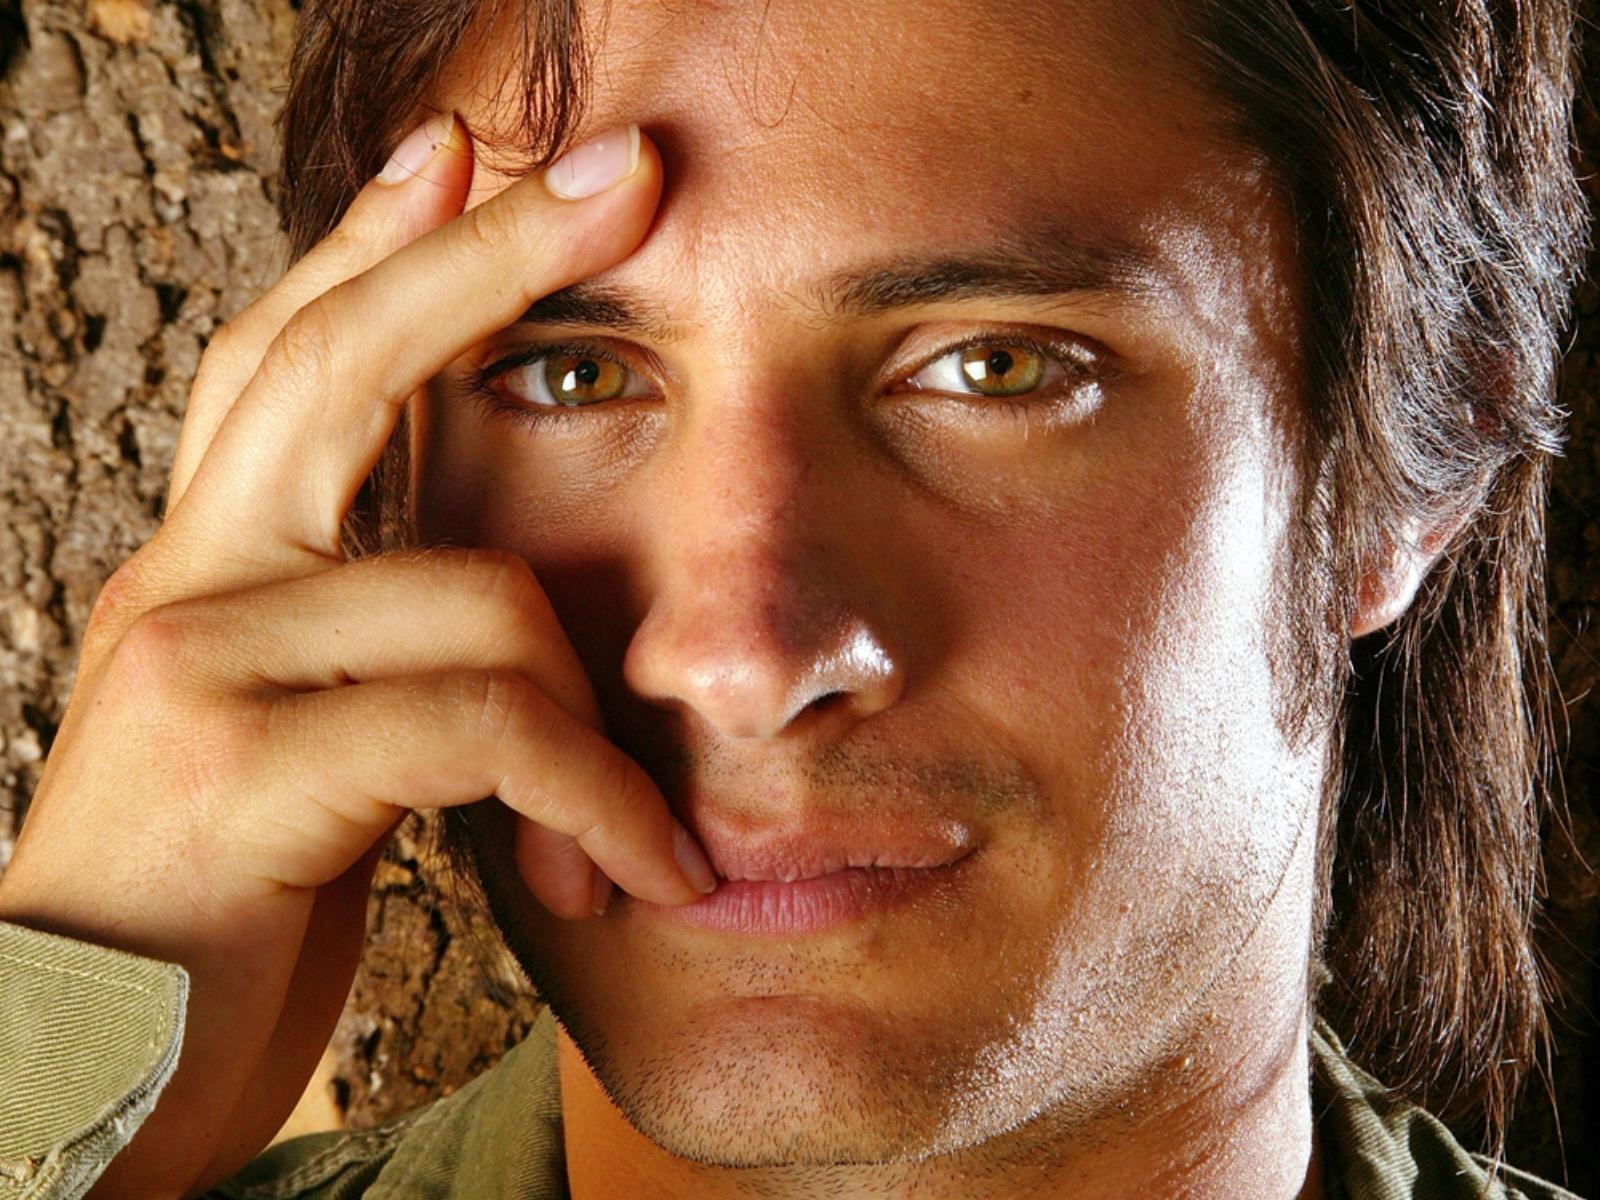 полярным картинки мужчина с зелеными глазами прежде